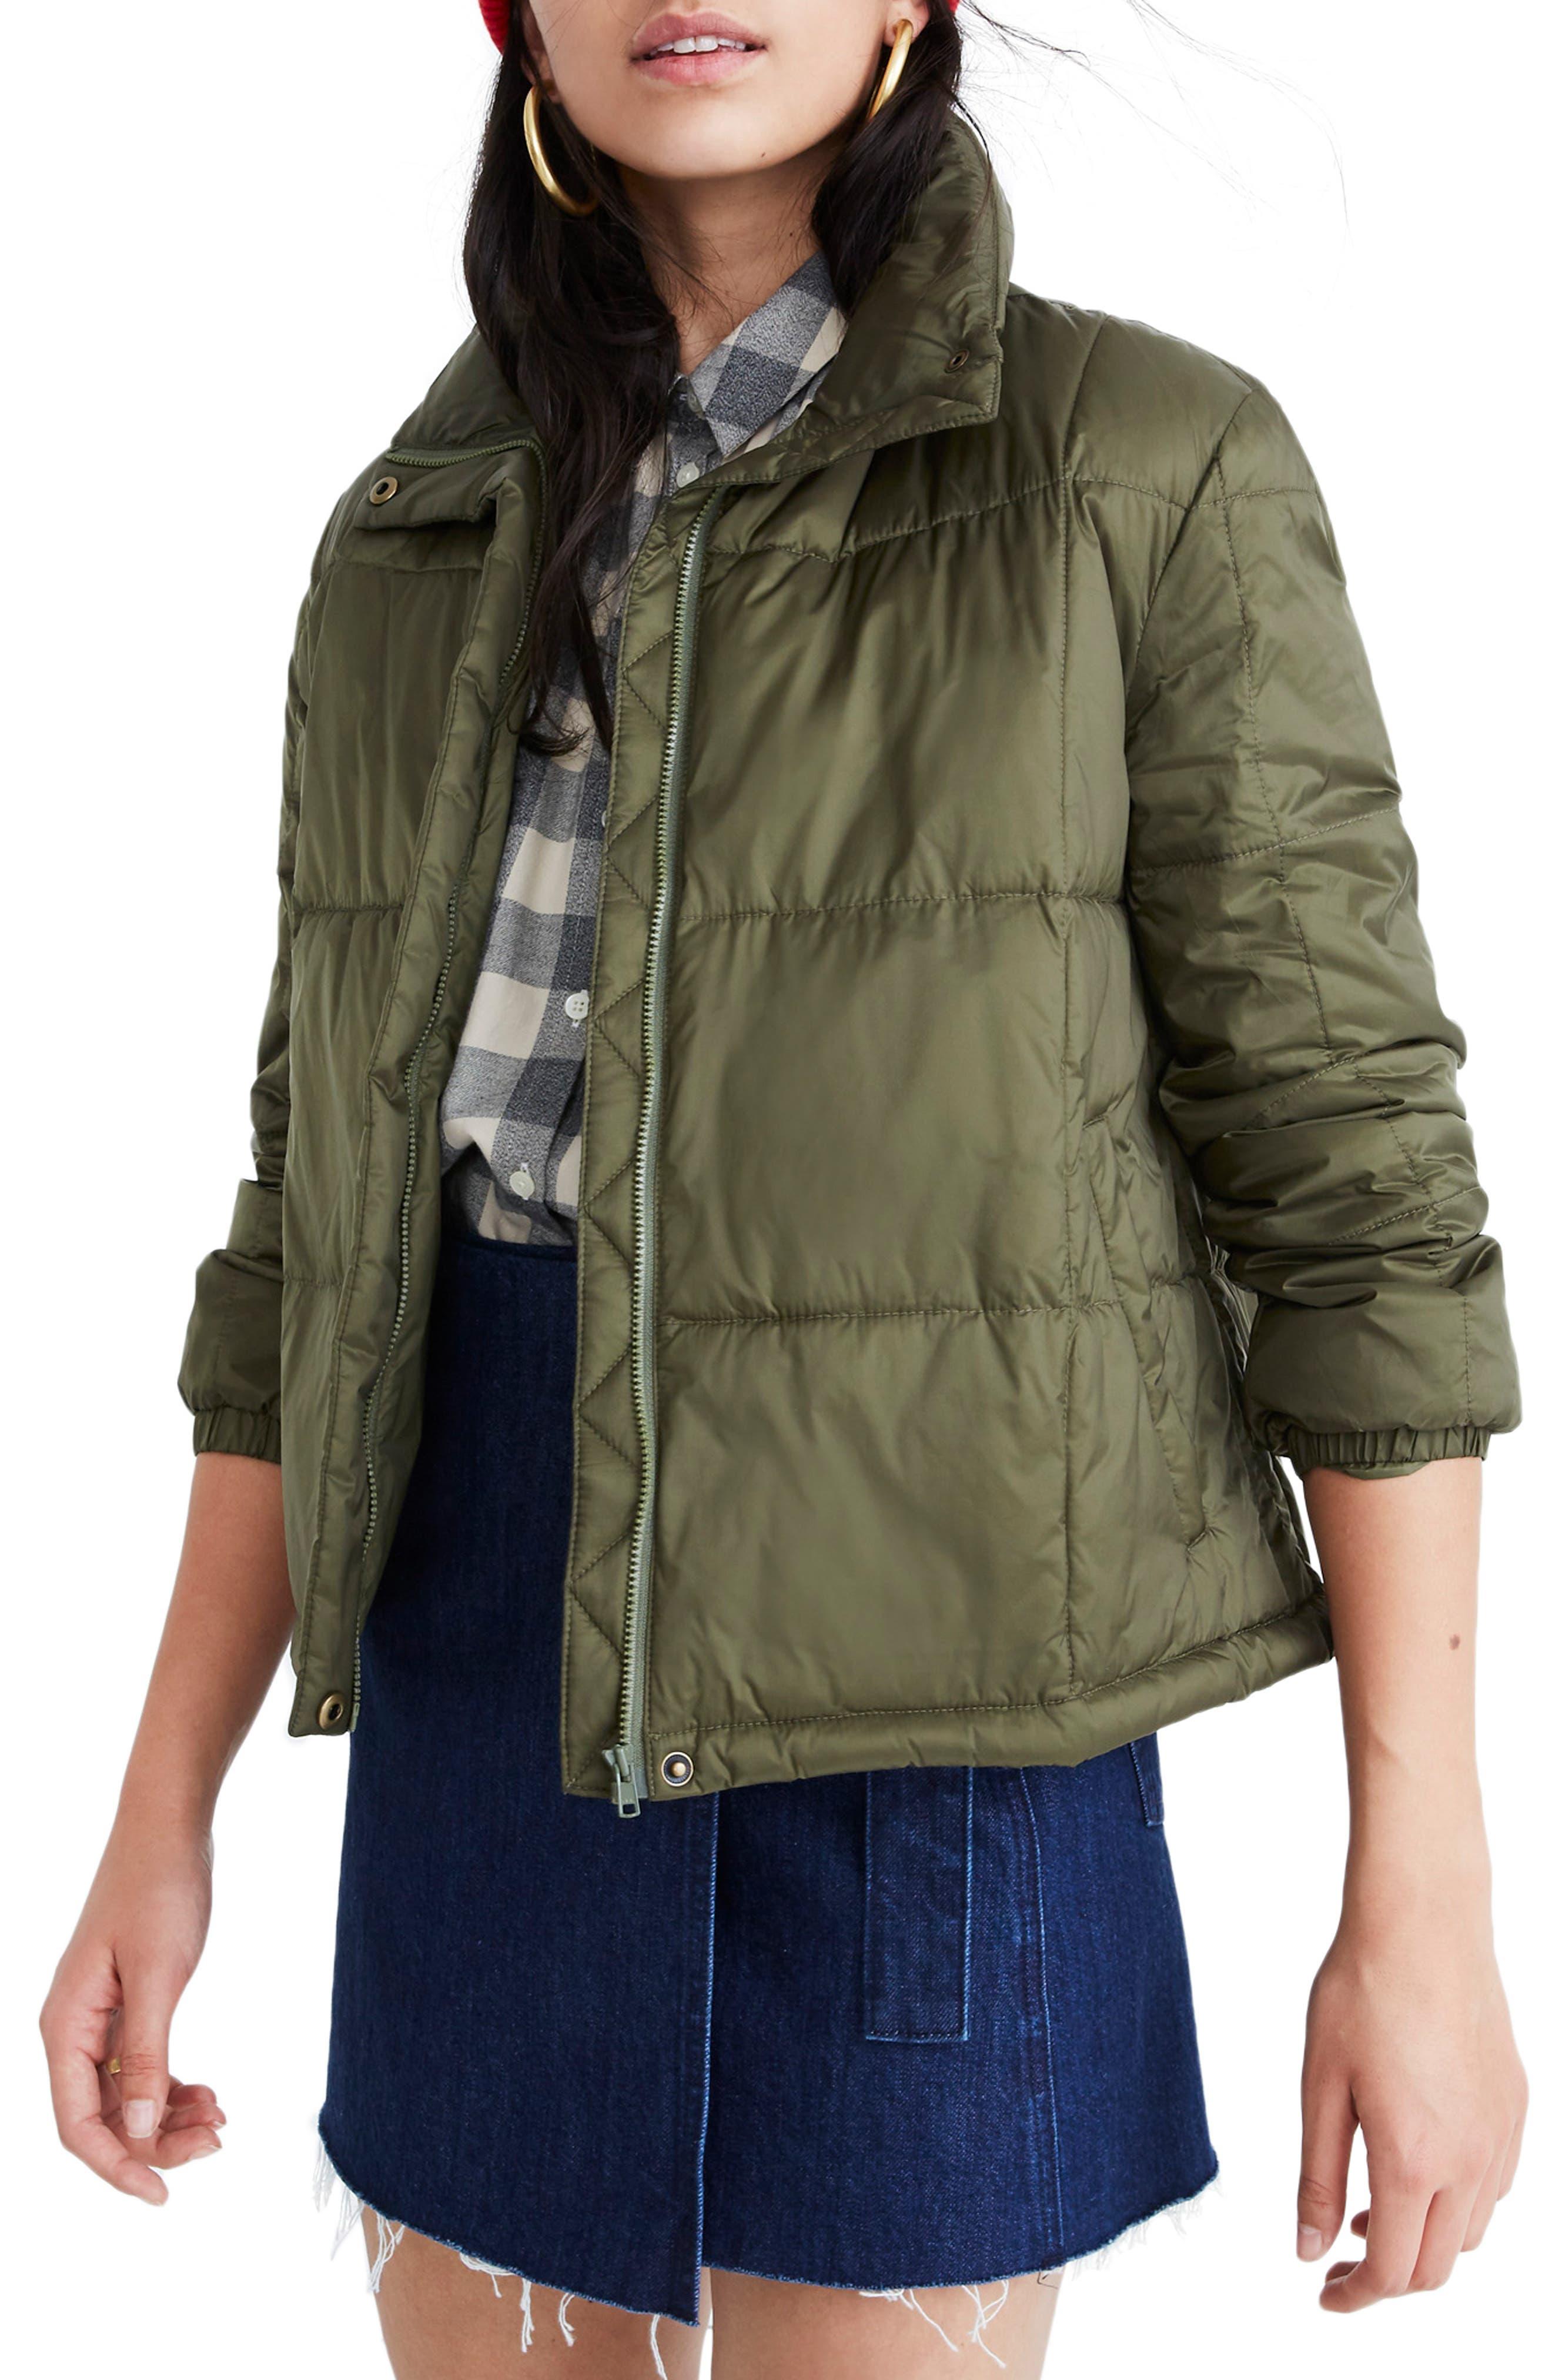 Madewell Travel Buddy Packable Puffer Jacket, Green